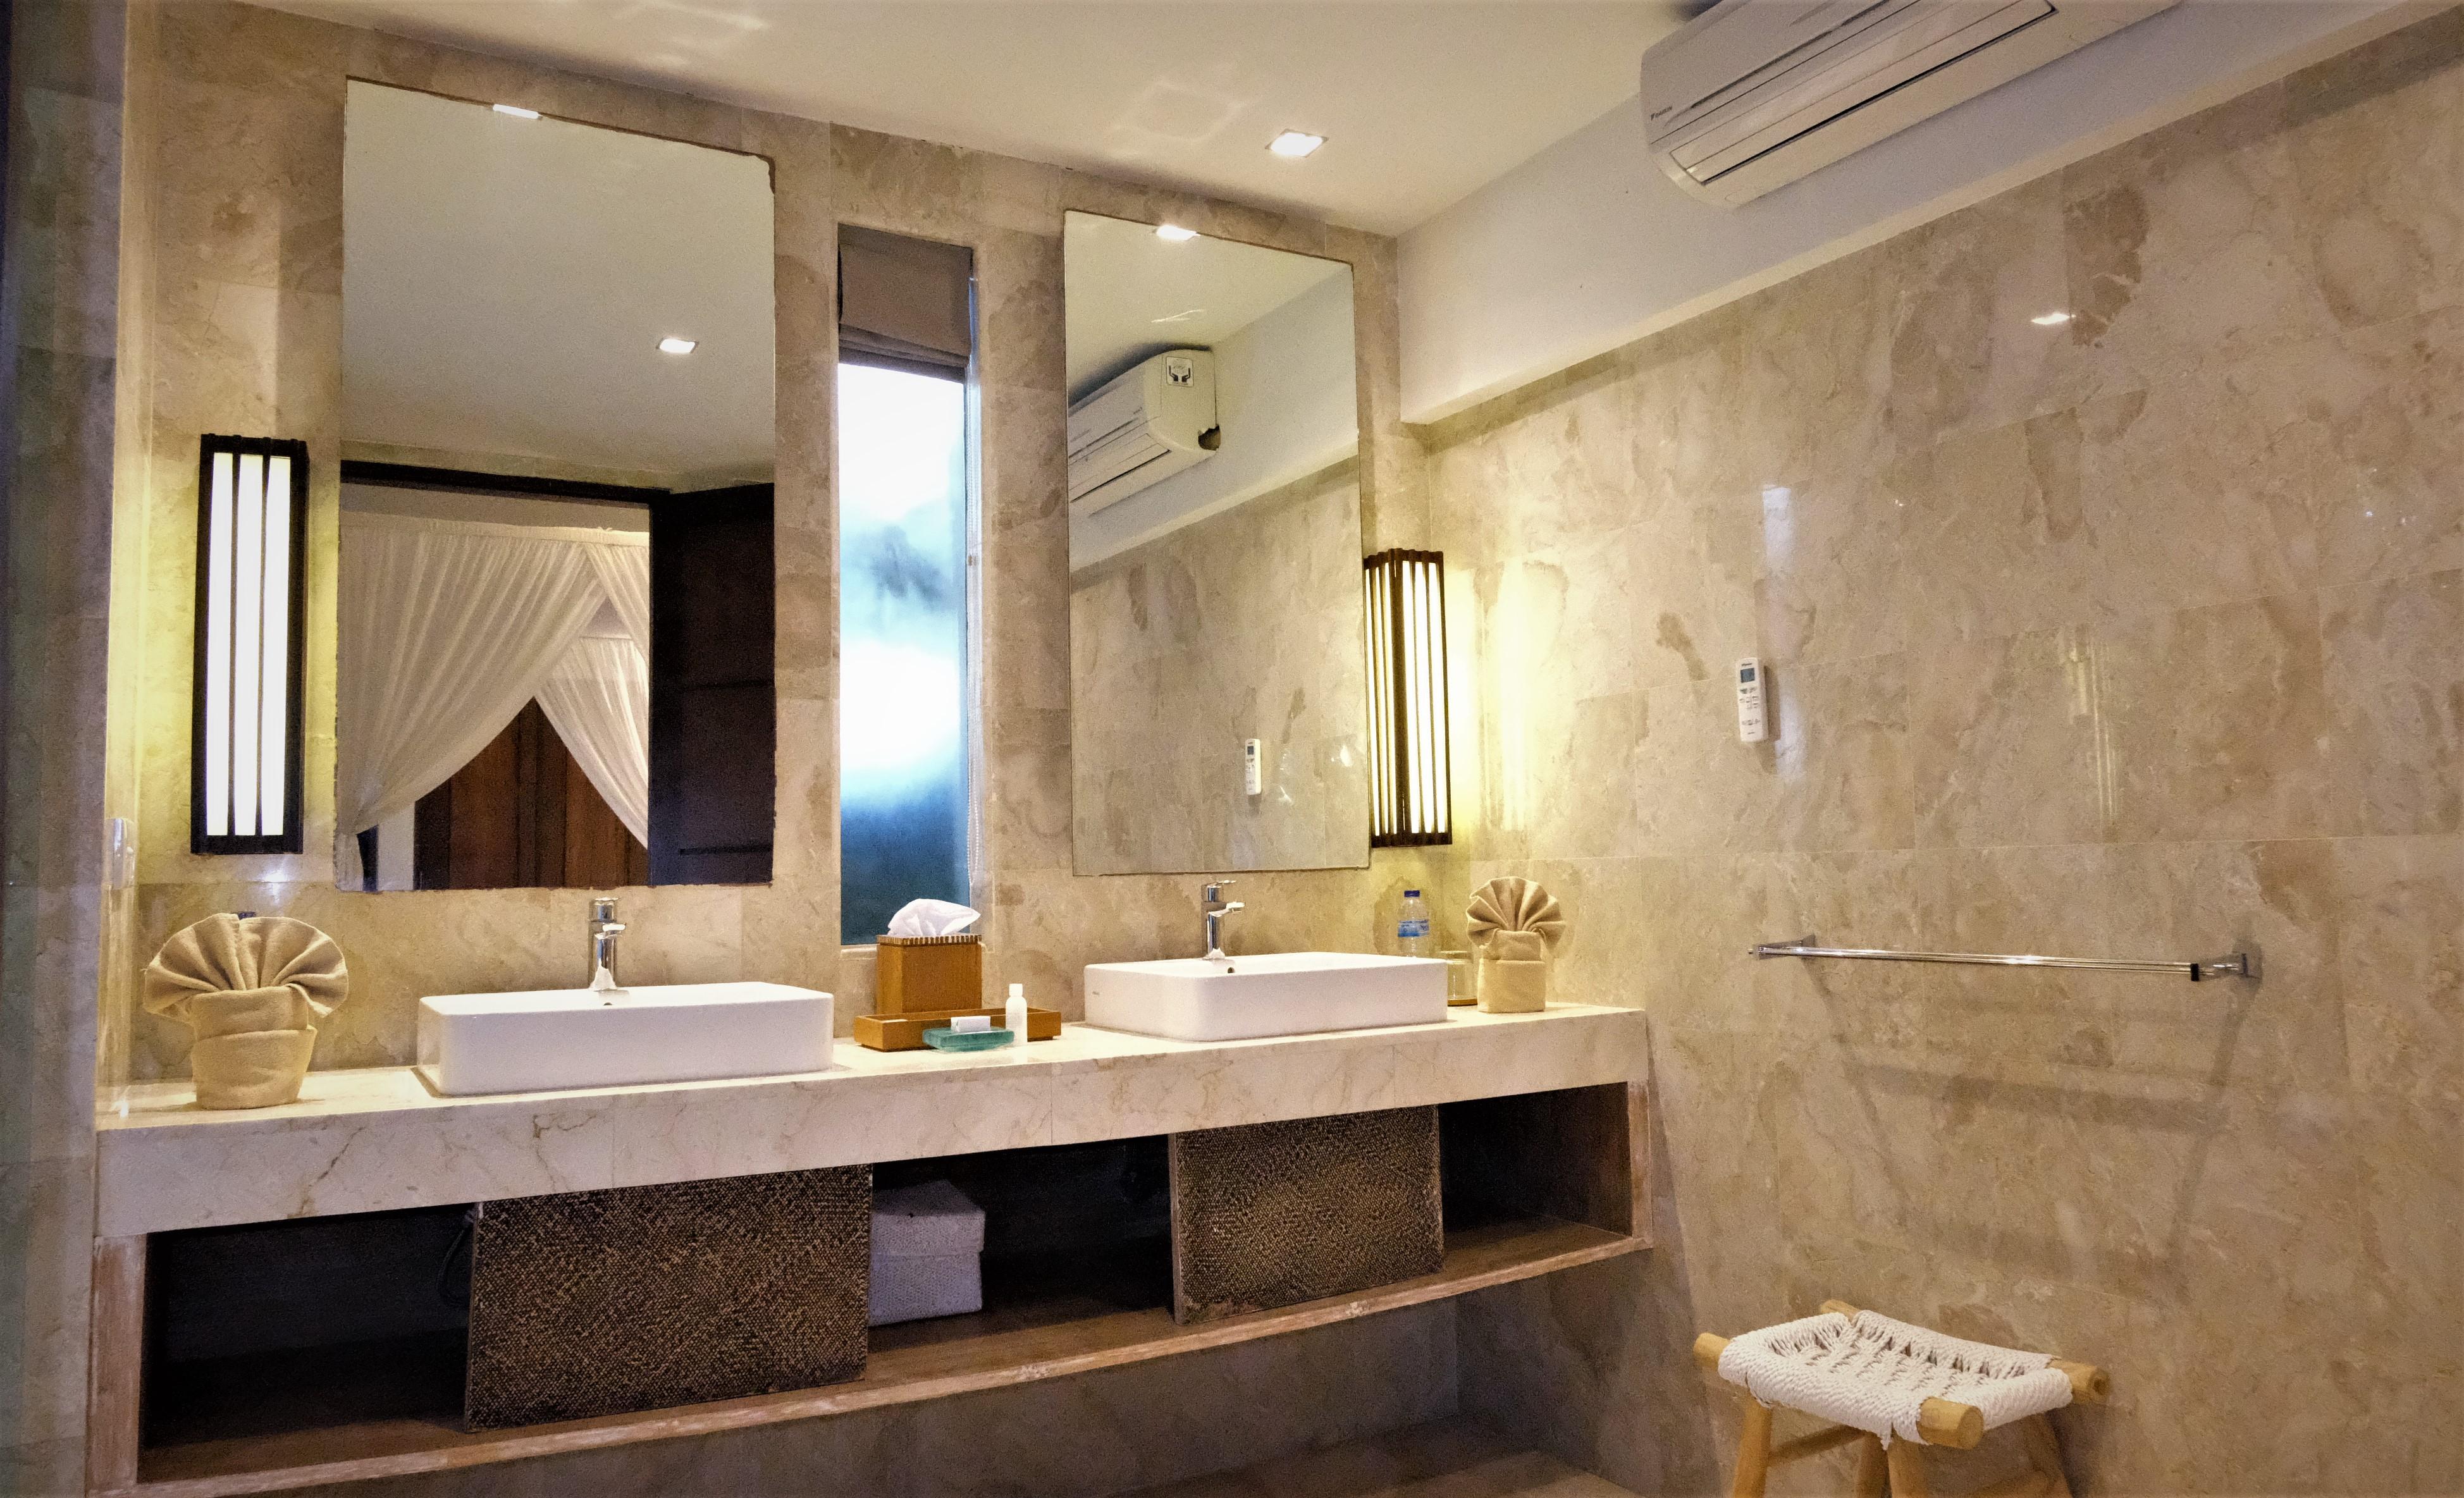 Room 2 Vanity